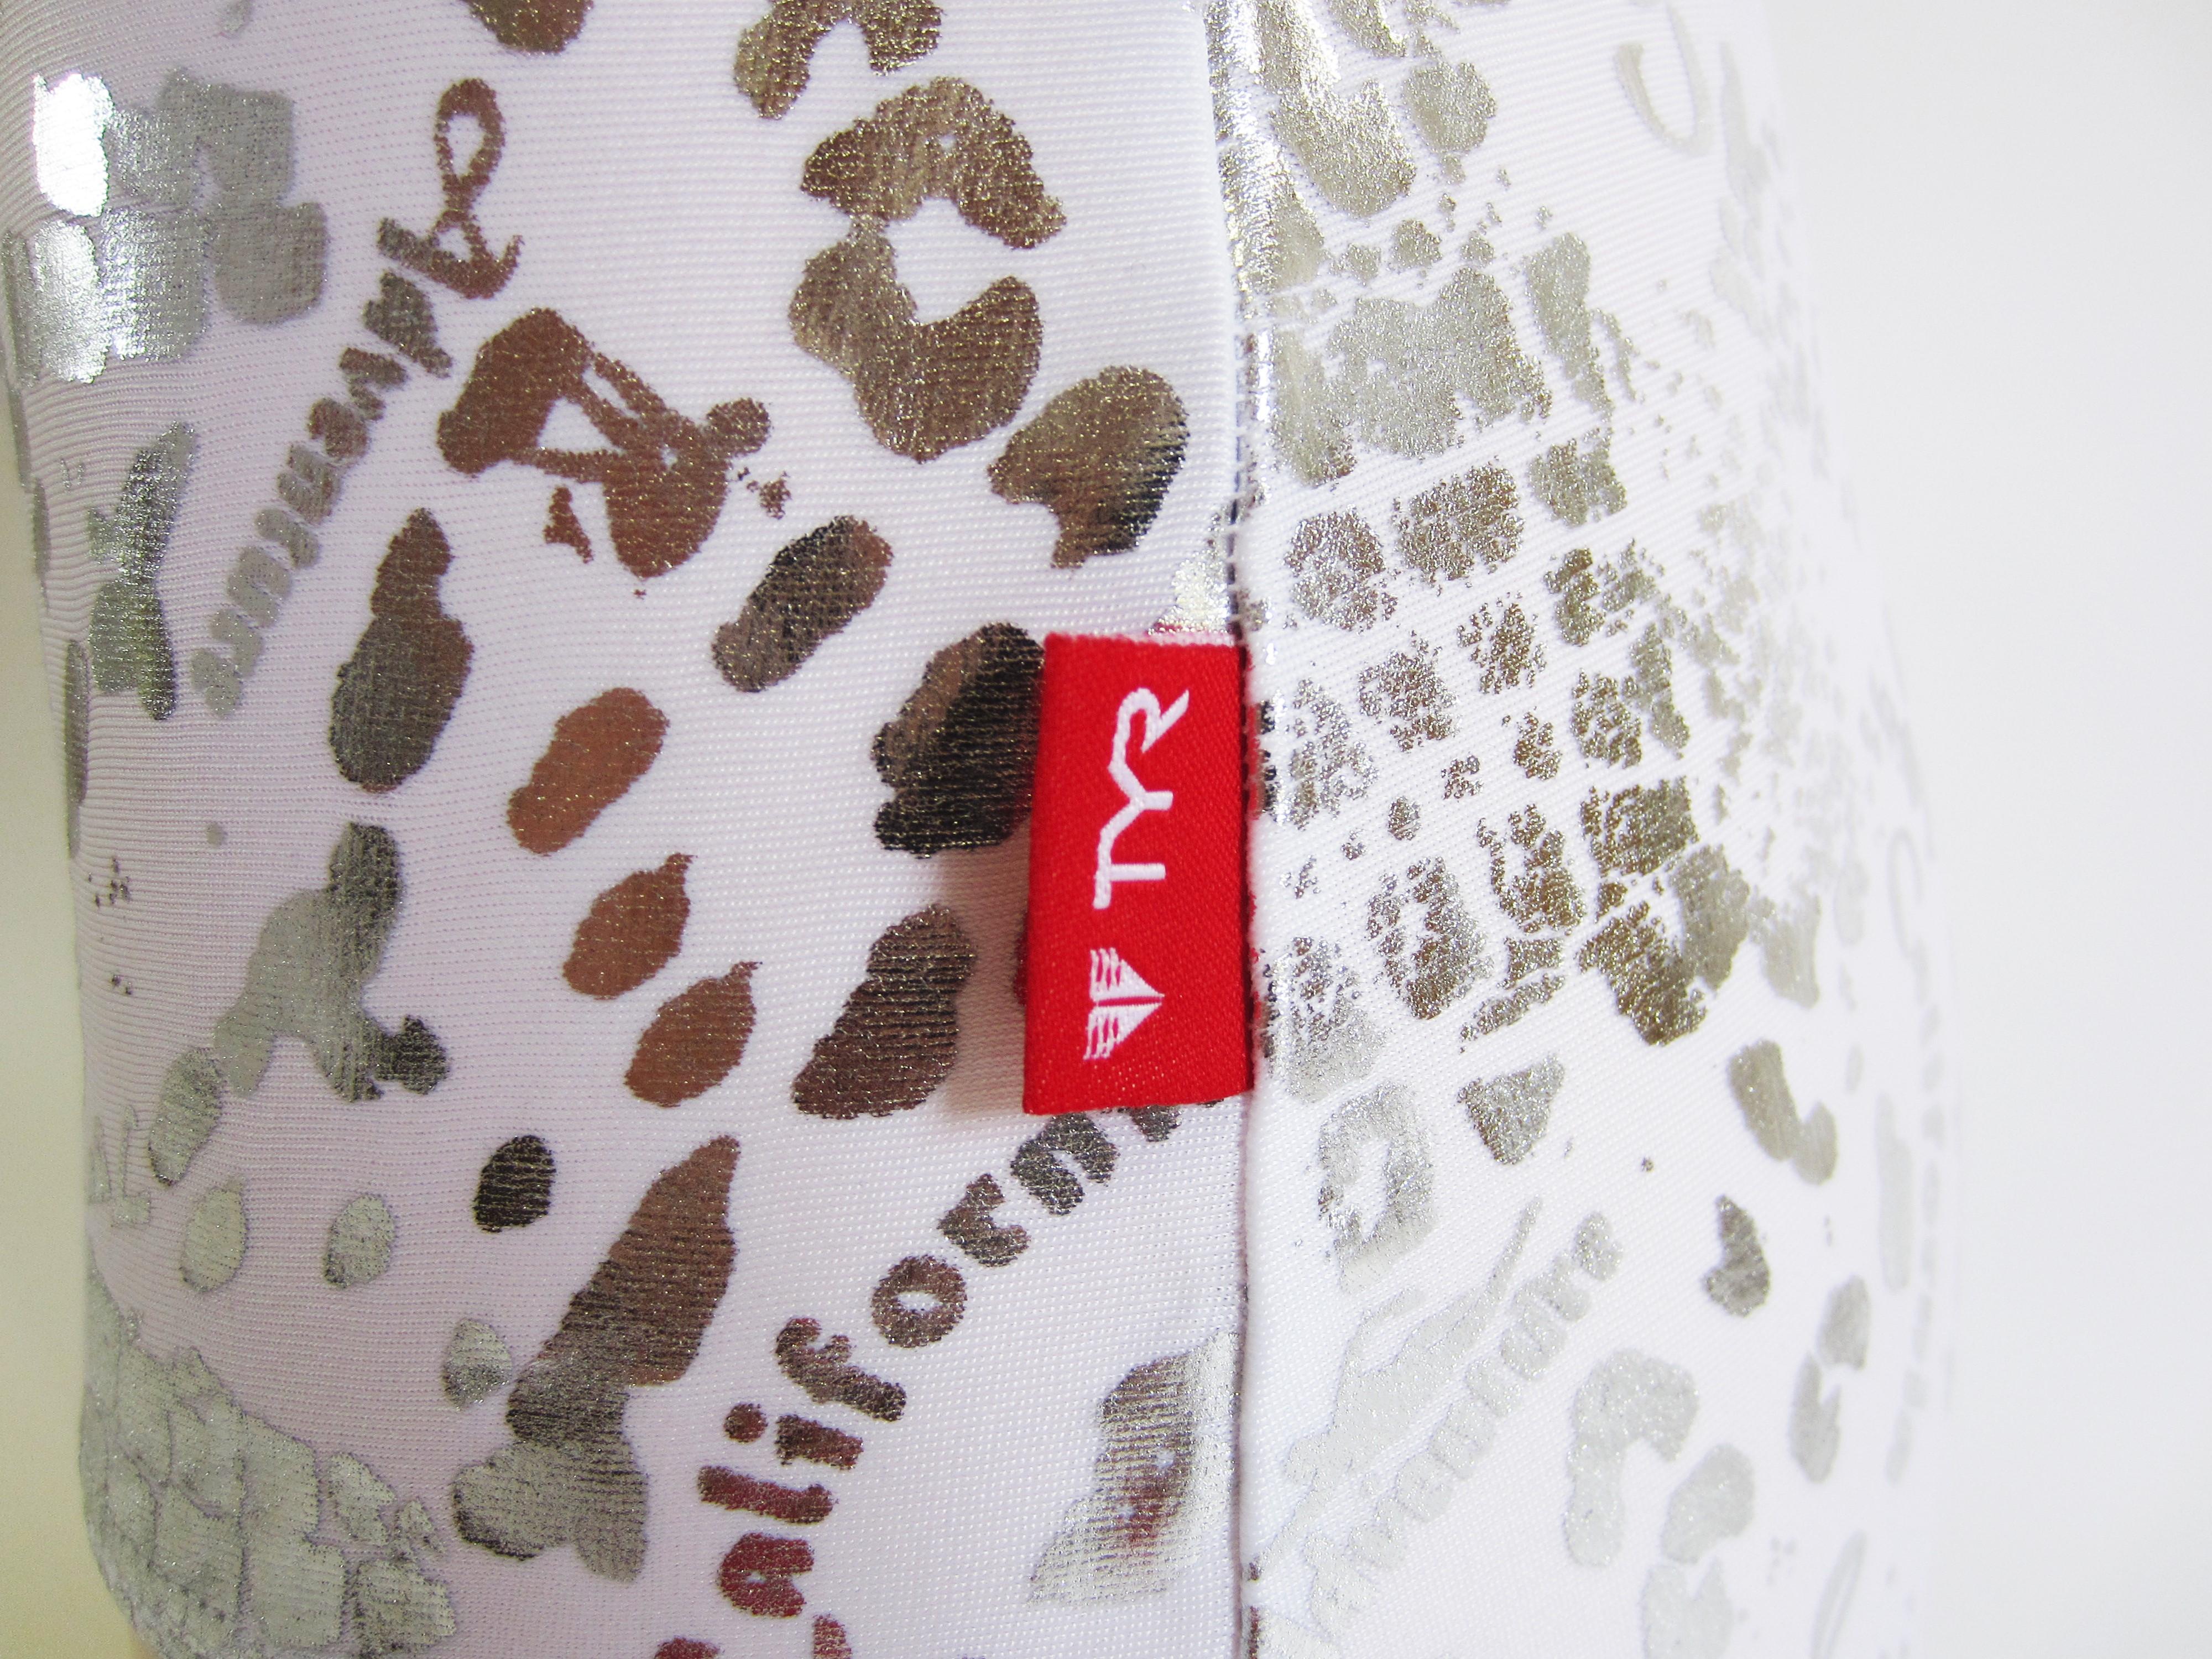 別注 TYR(ティア) ホワイト × シルバー クロコダイル柄 スクール水着(スク水) 「スイムショプイノウエ限定」